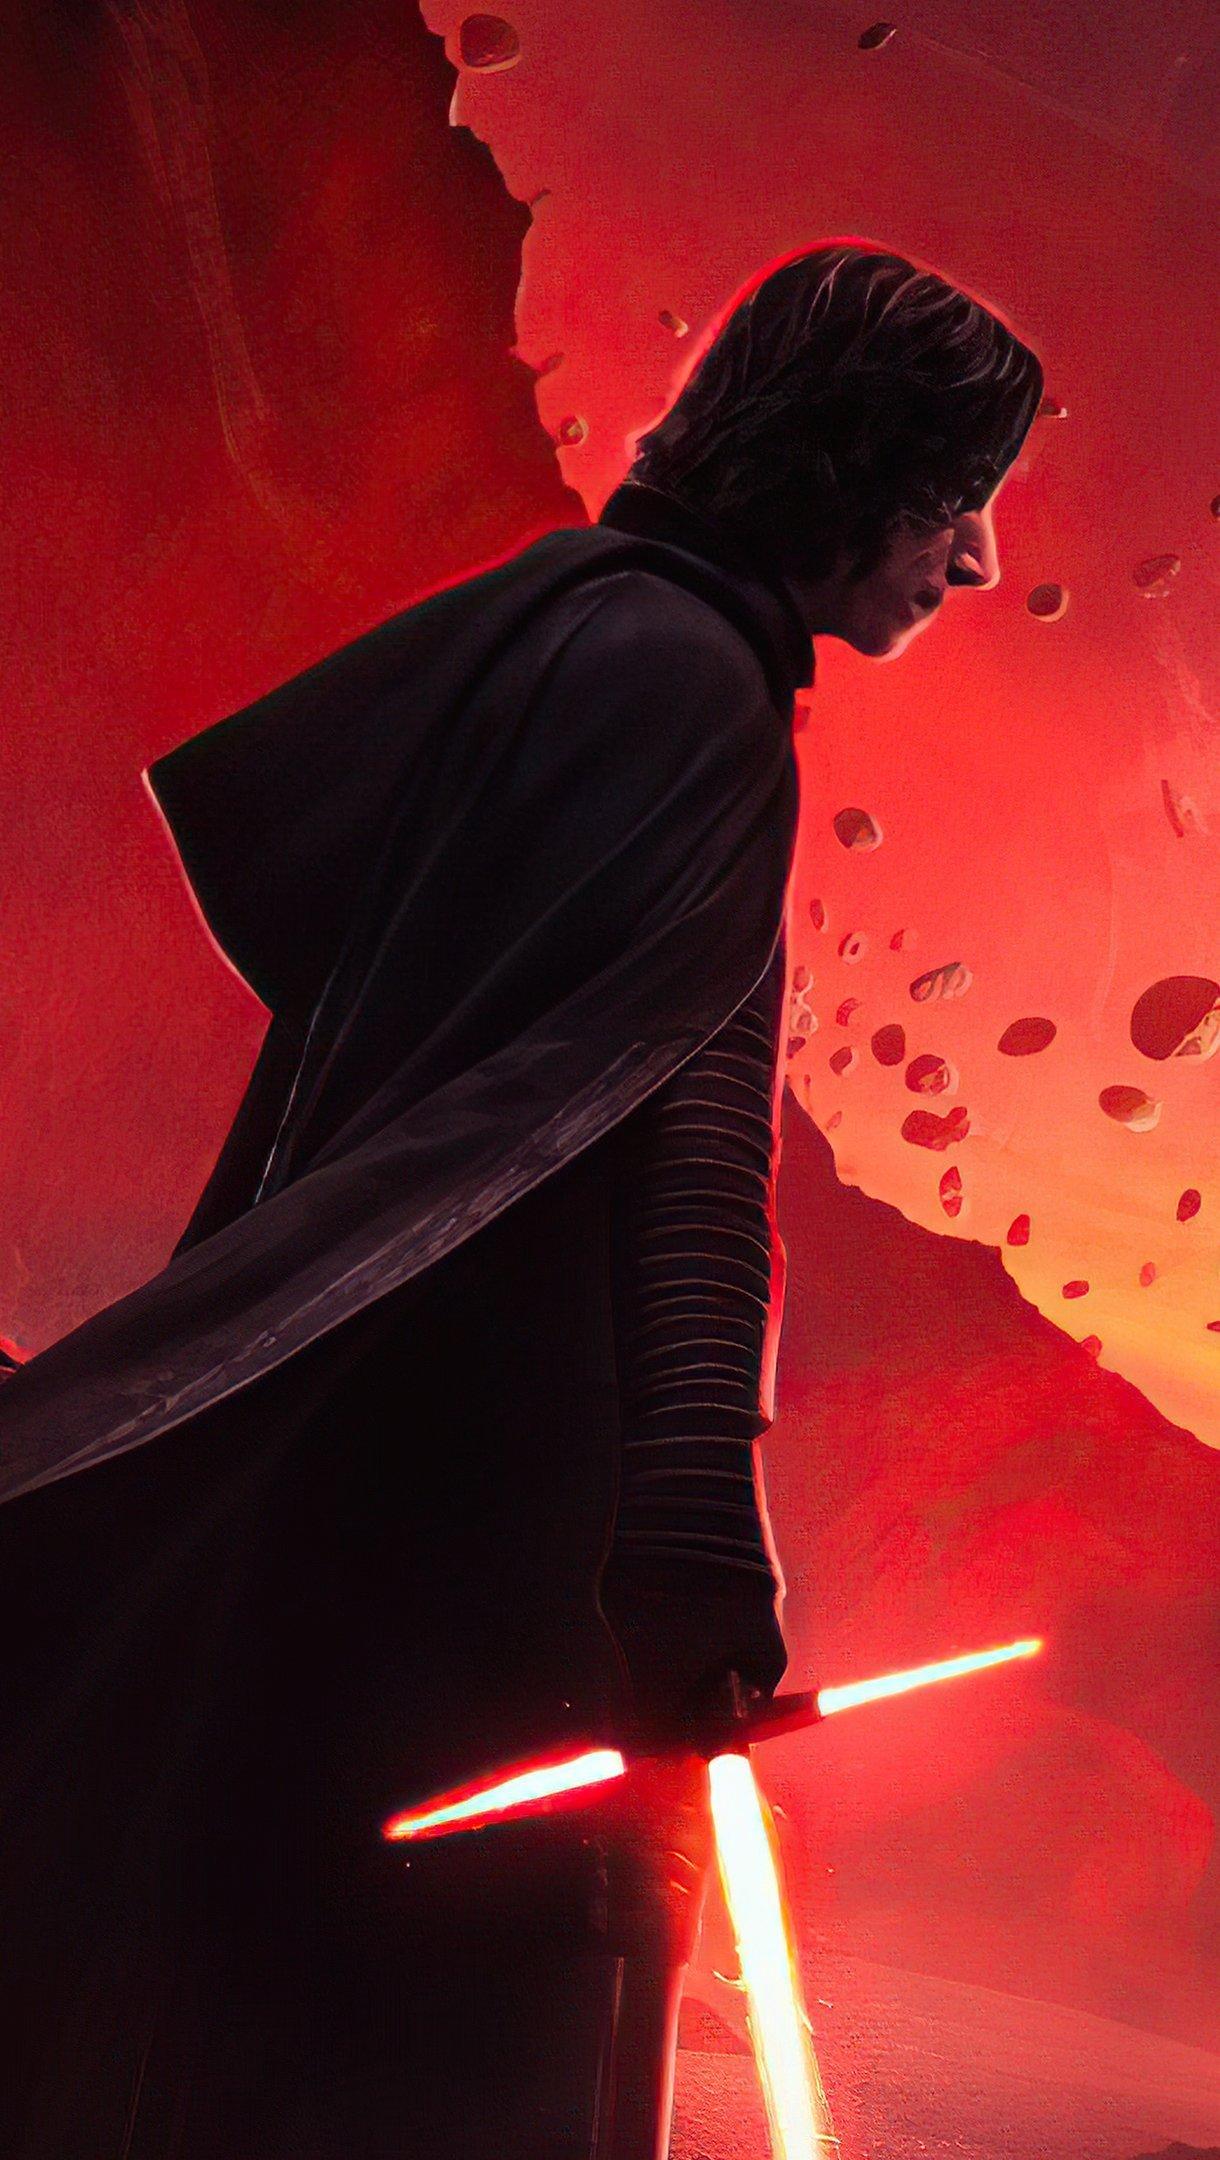 Wallpaper Kylo Ren Star Wars Lightsaber Vertical